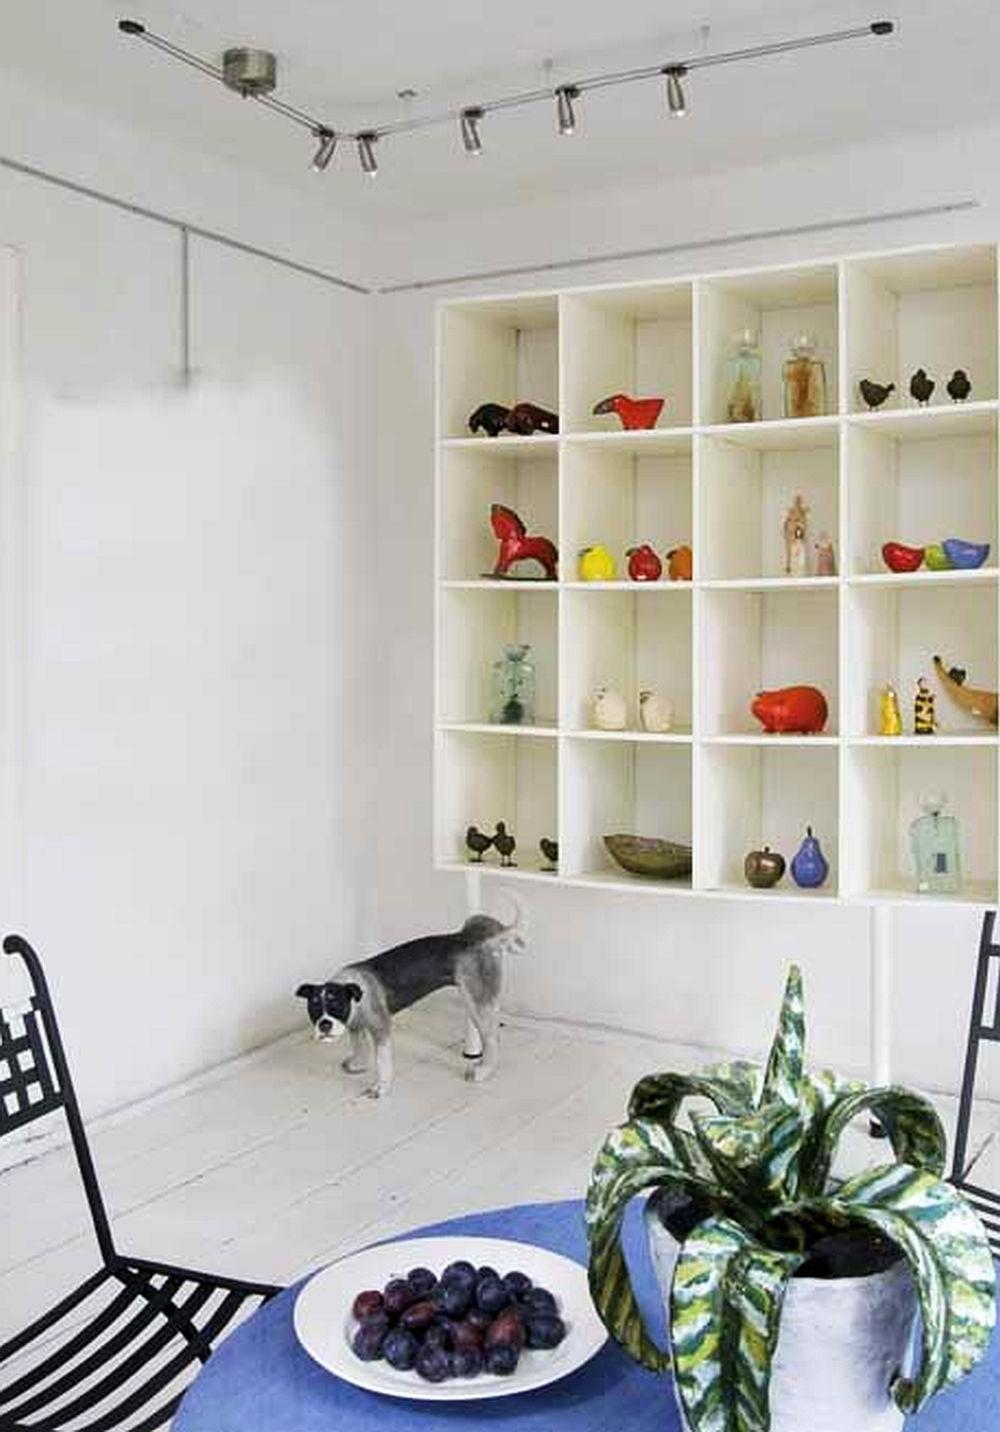 adelaparvu.com despre casa veche din lemn cu galerie de arta la tara, design Julita si Paul Sander, Foto Marek Szymanski (8)